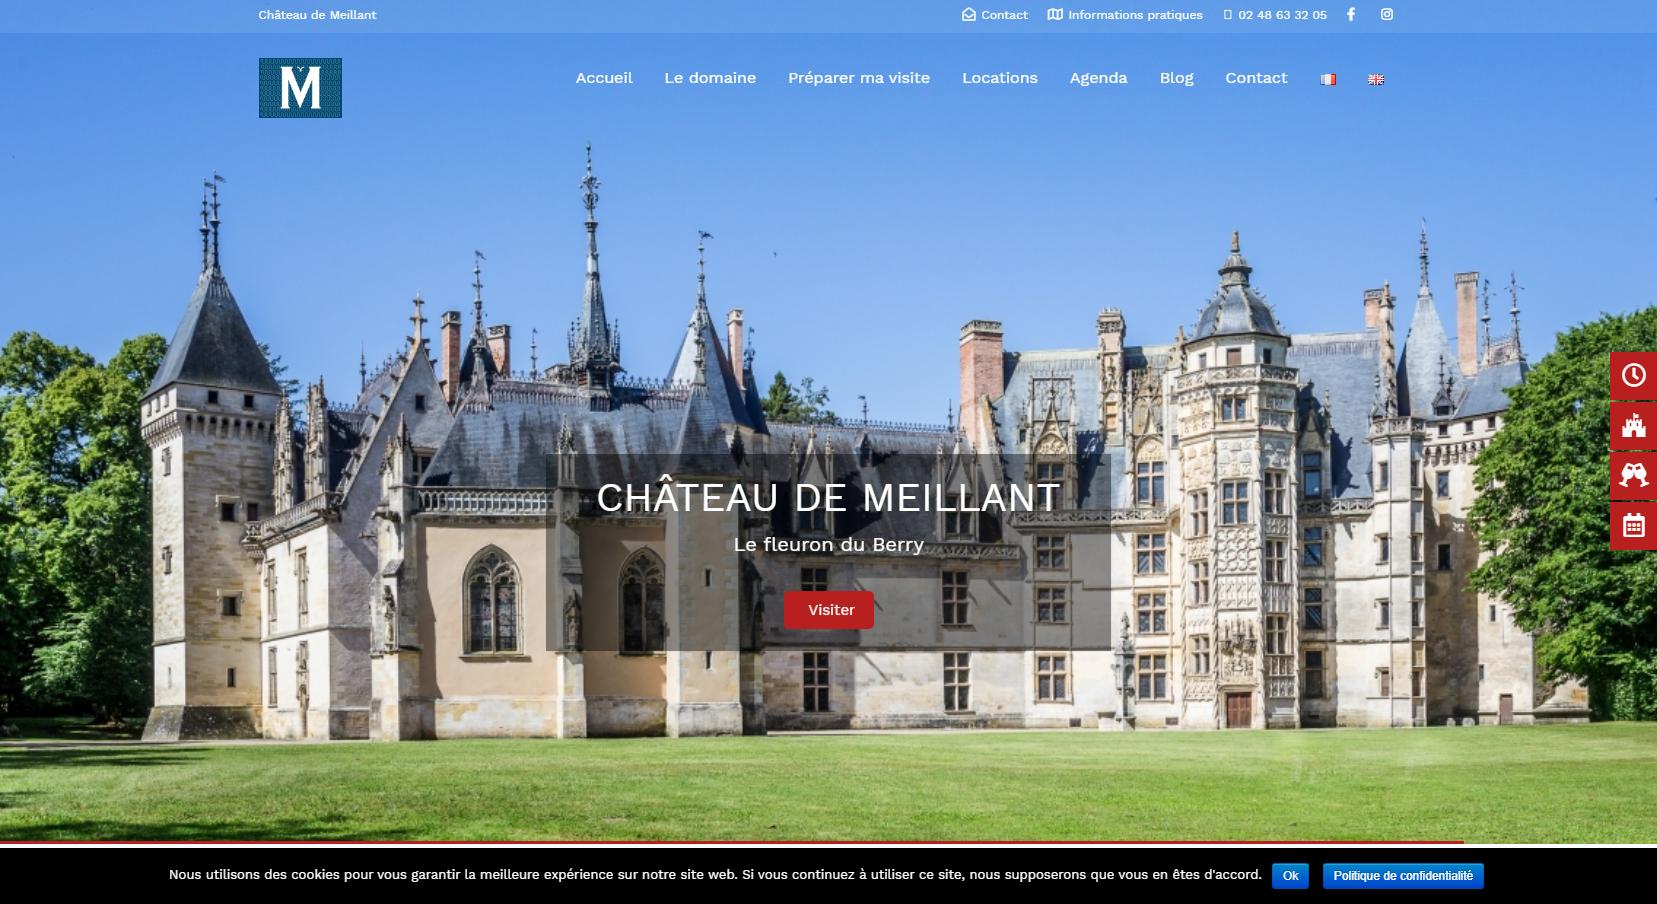 aperçu page d'accueil du site du château de Meillant